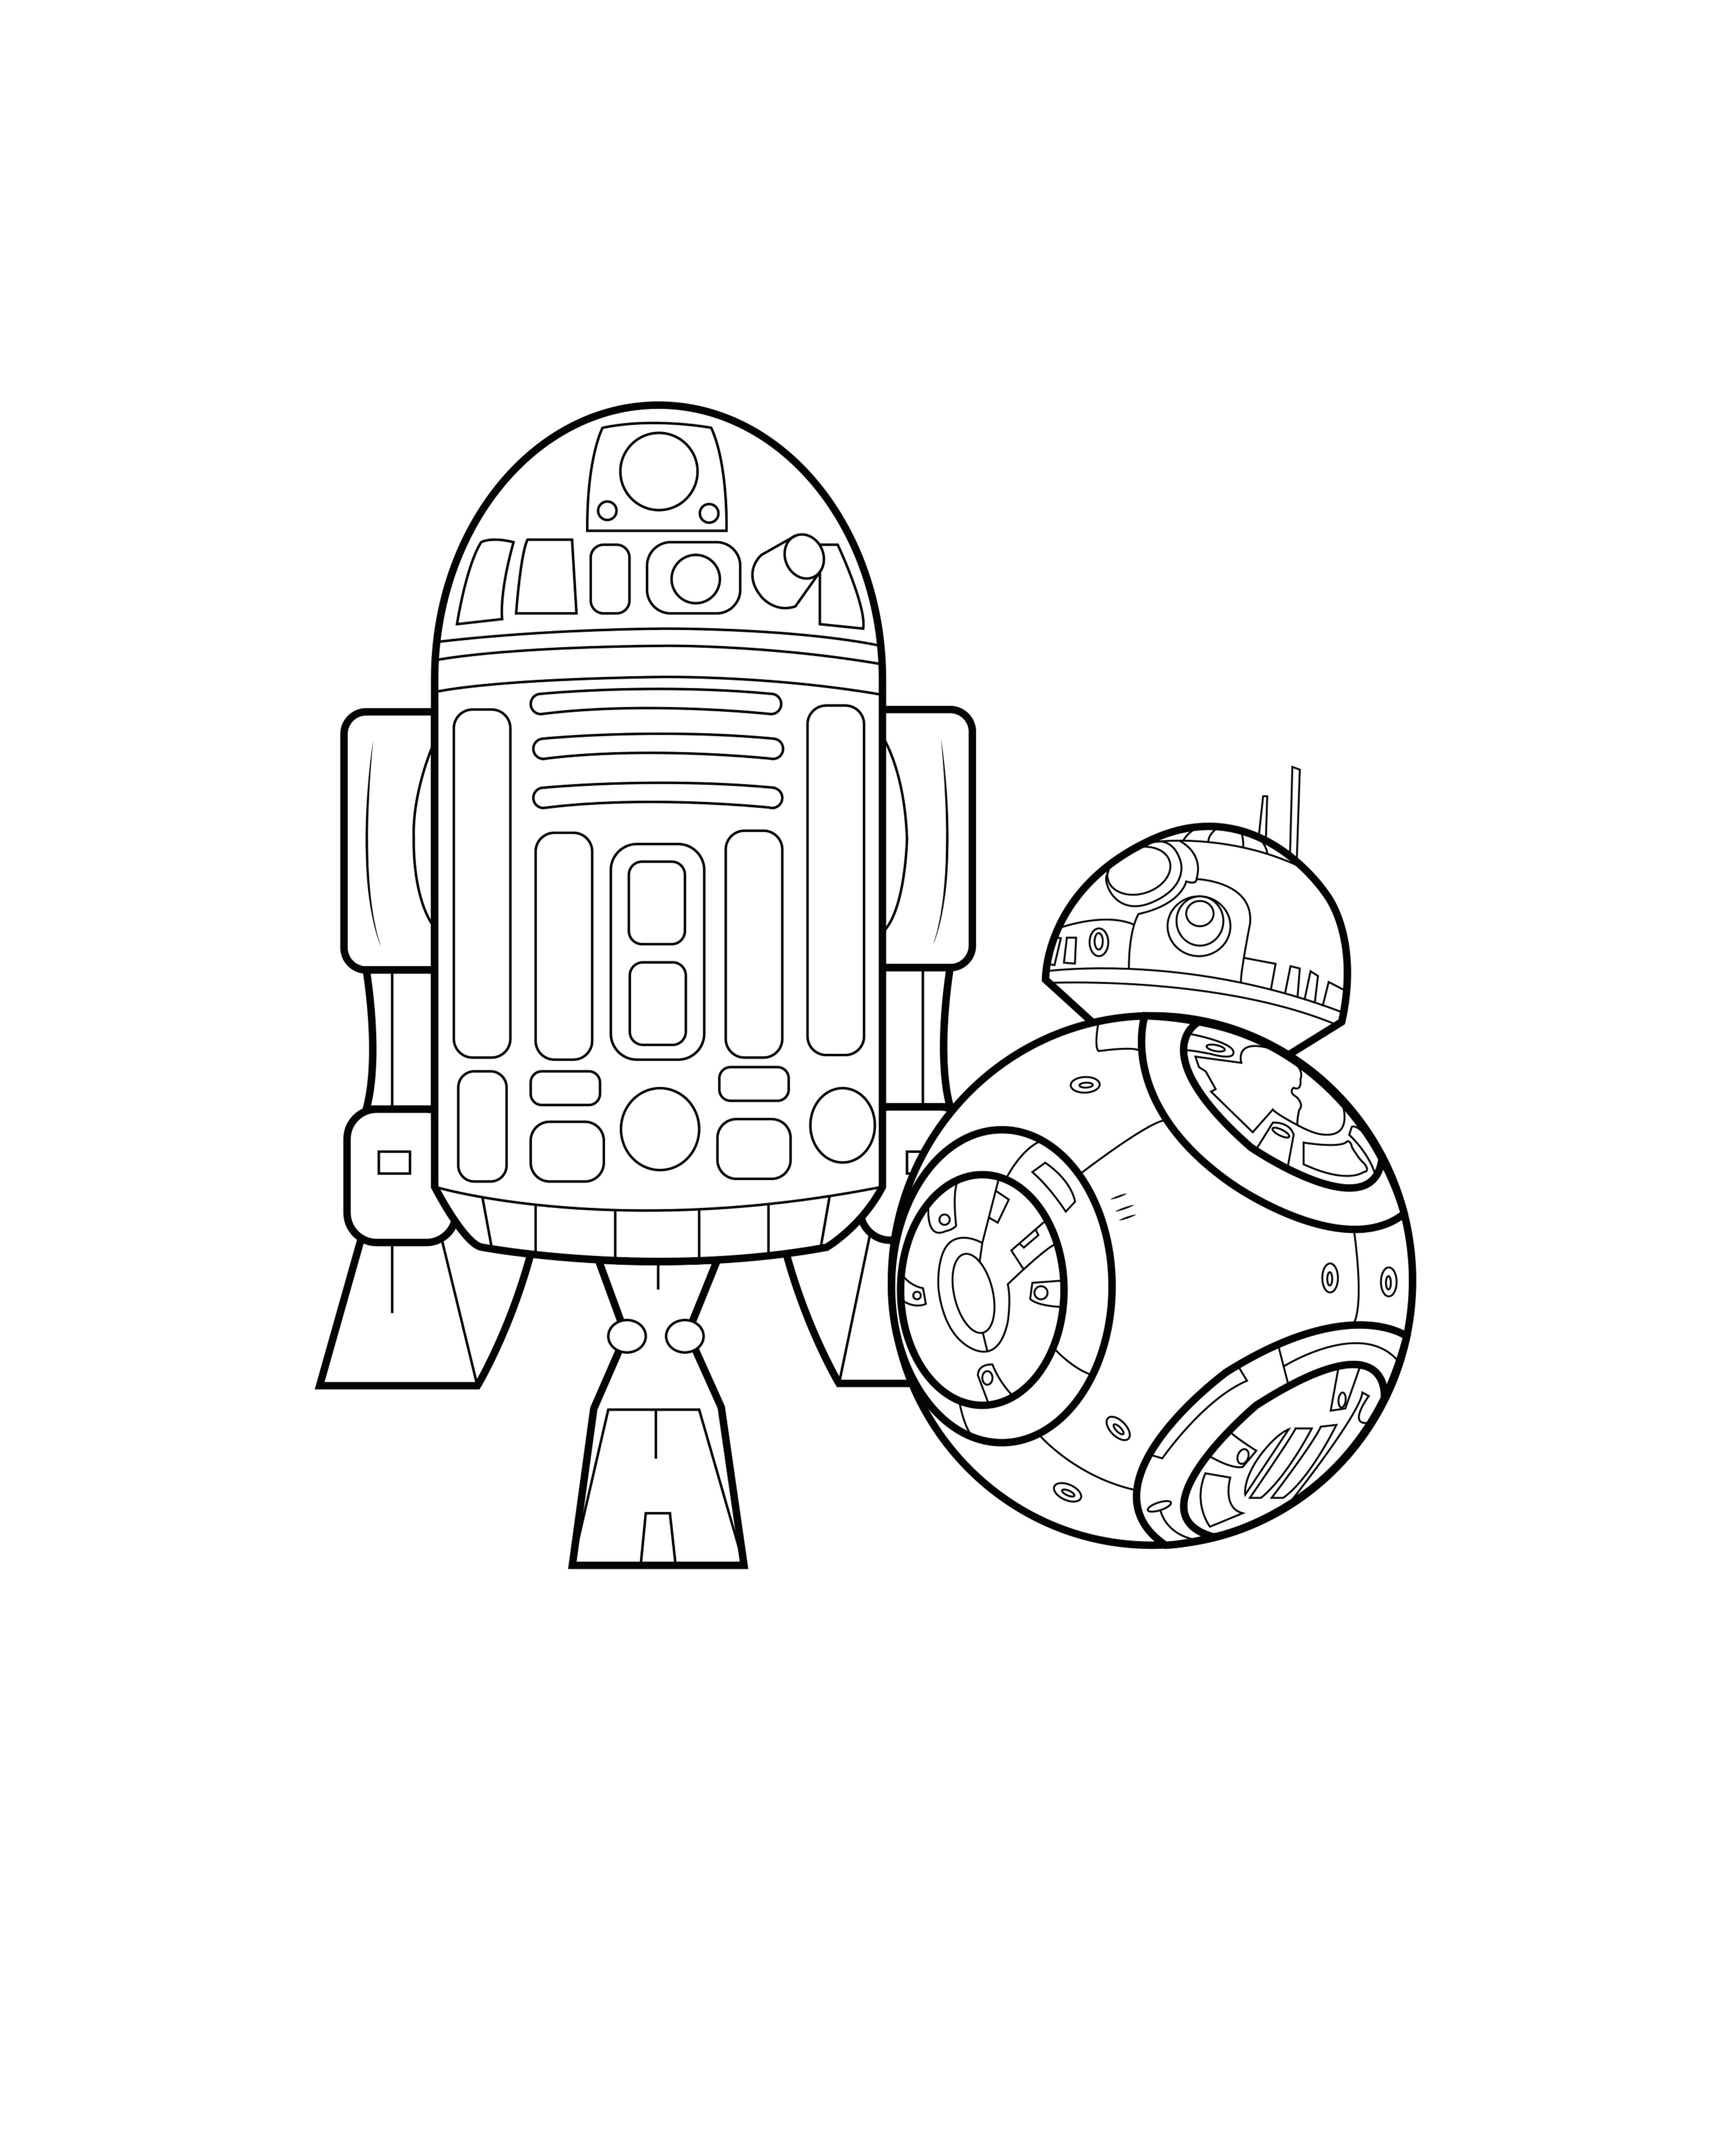 Coloriage inspiré de Star Wars mettant en scène BB8 et R2D2